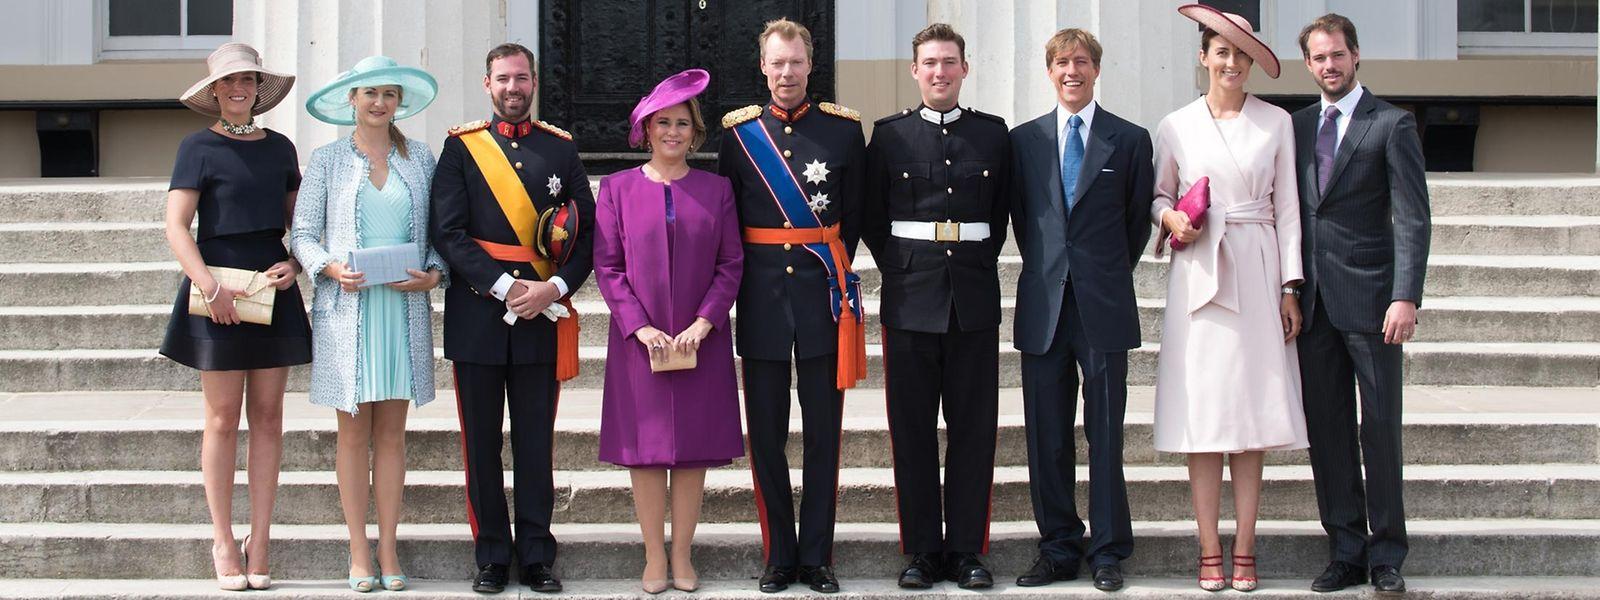 Le Grand-Duc et la Grande-Duchesse accompagnés de (de gauche à droite) la princesse Alexandra, la grande-duchesse héritière, le grand-duc héritier, le prince Sébastien, le prince Louis, la princesse Claire et le prince Félix